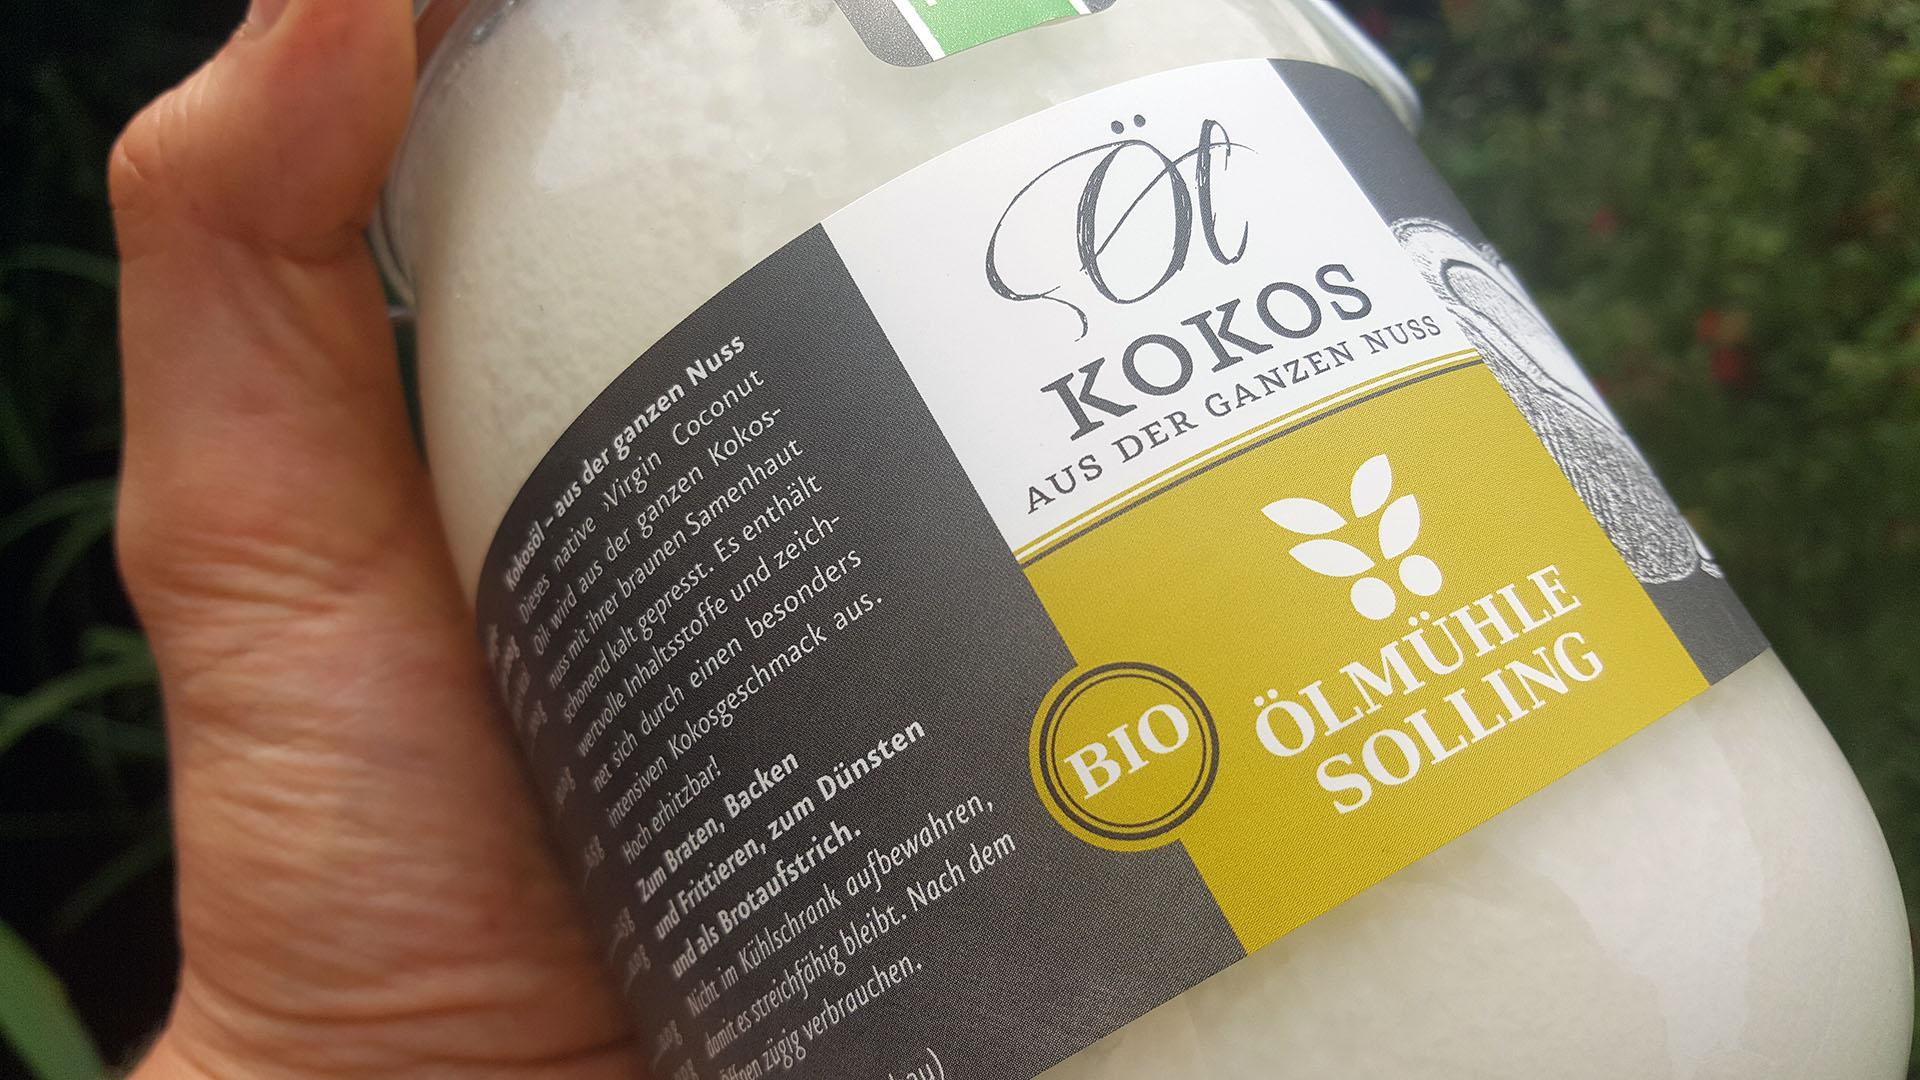 Olmuhle Solling Kokosol Testbericht Und Erfahrungen